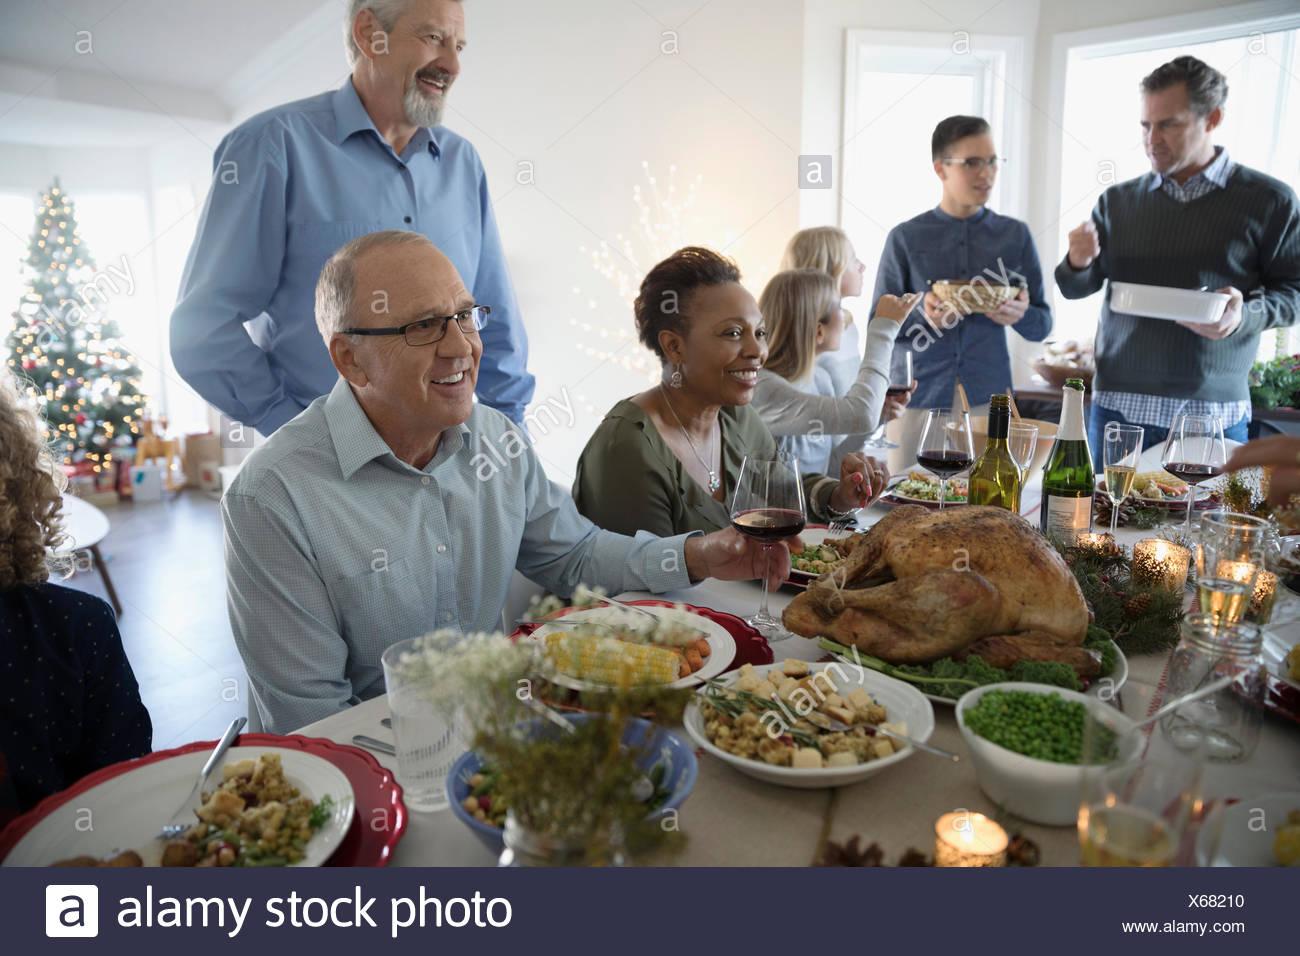 Famiglia godendo la Turchia cena di Natale a tavola Immagini Stock